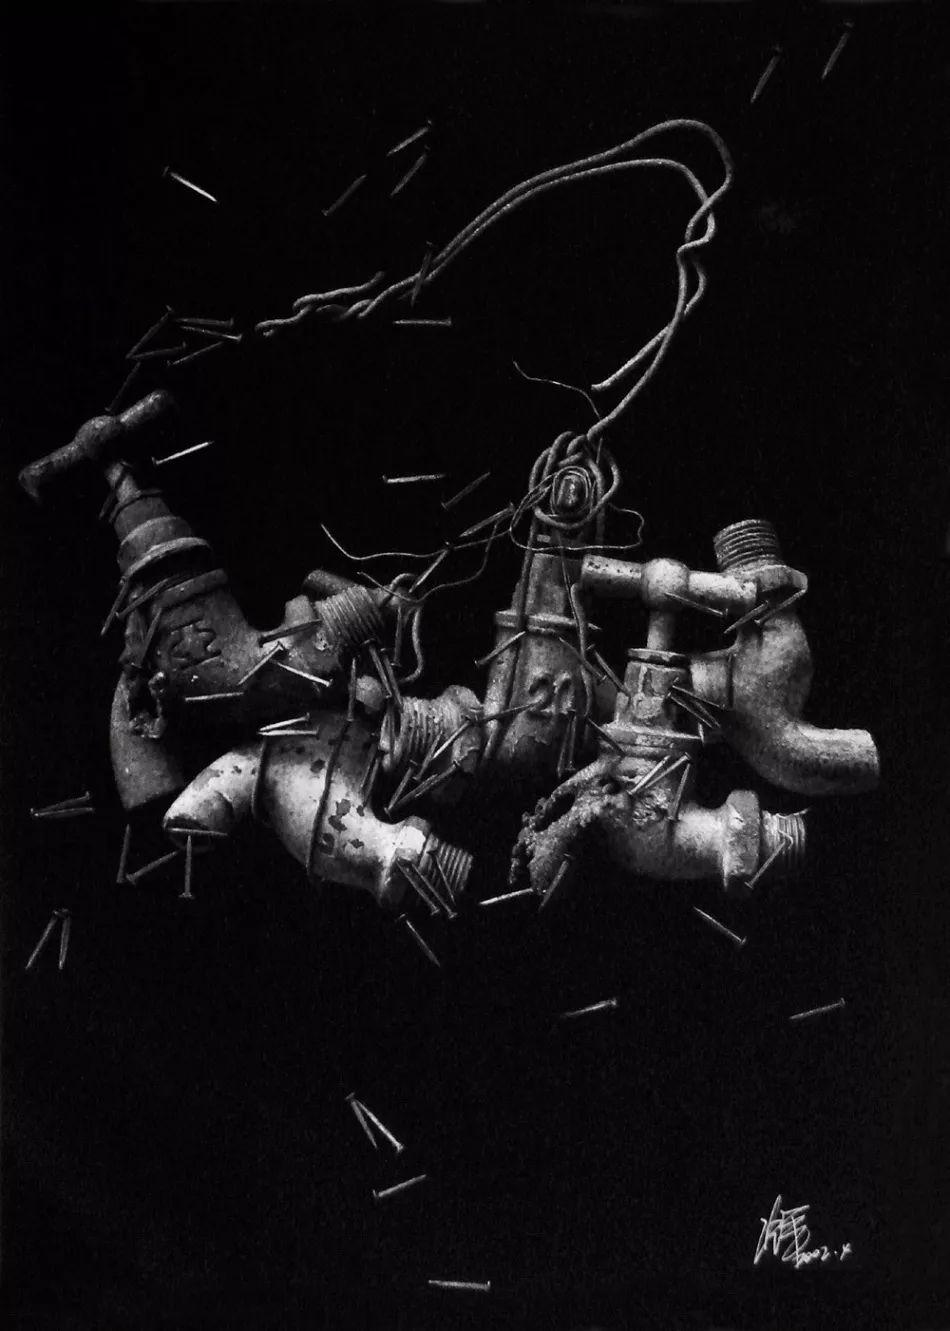 当代超写实主义 冷军作品集 49图插图5